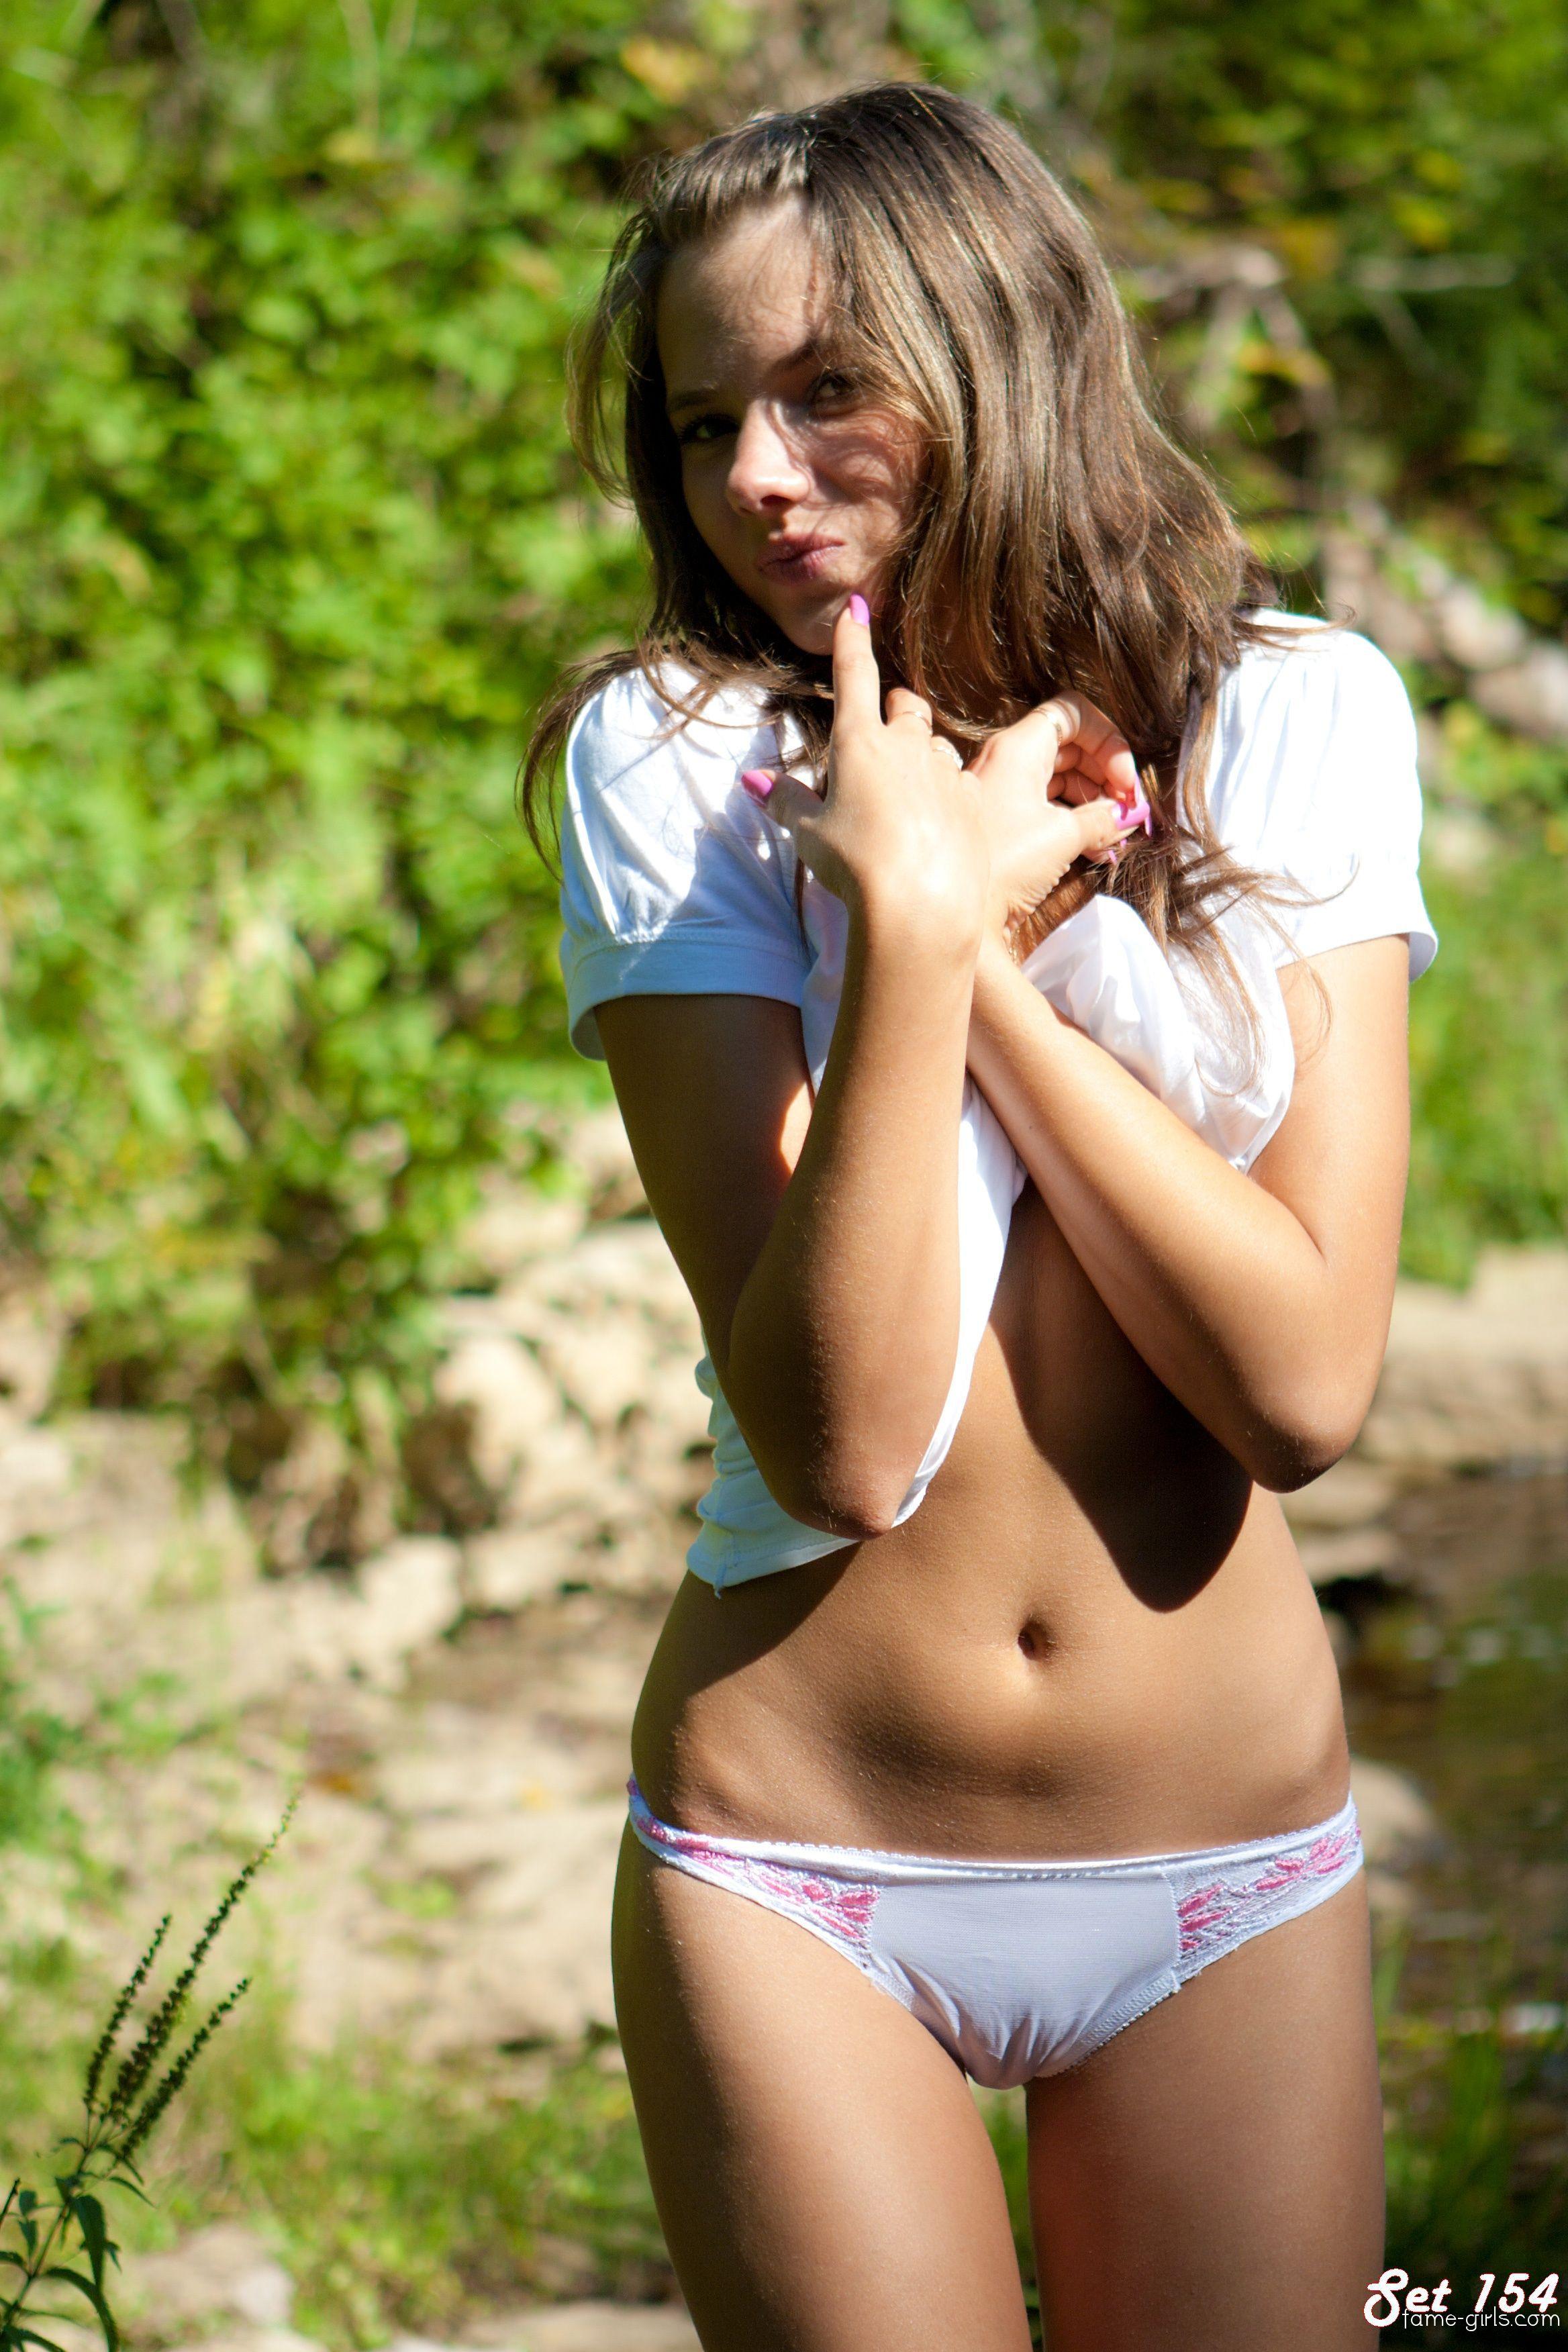 Порно с девушками в обтягивающих шортиках фото 630-812